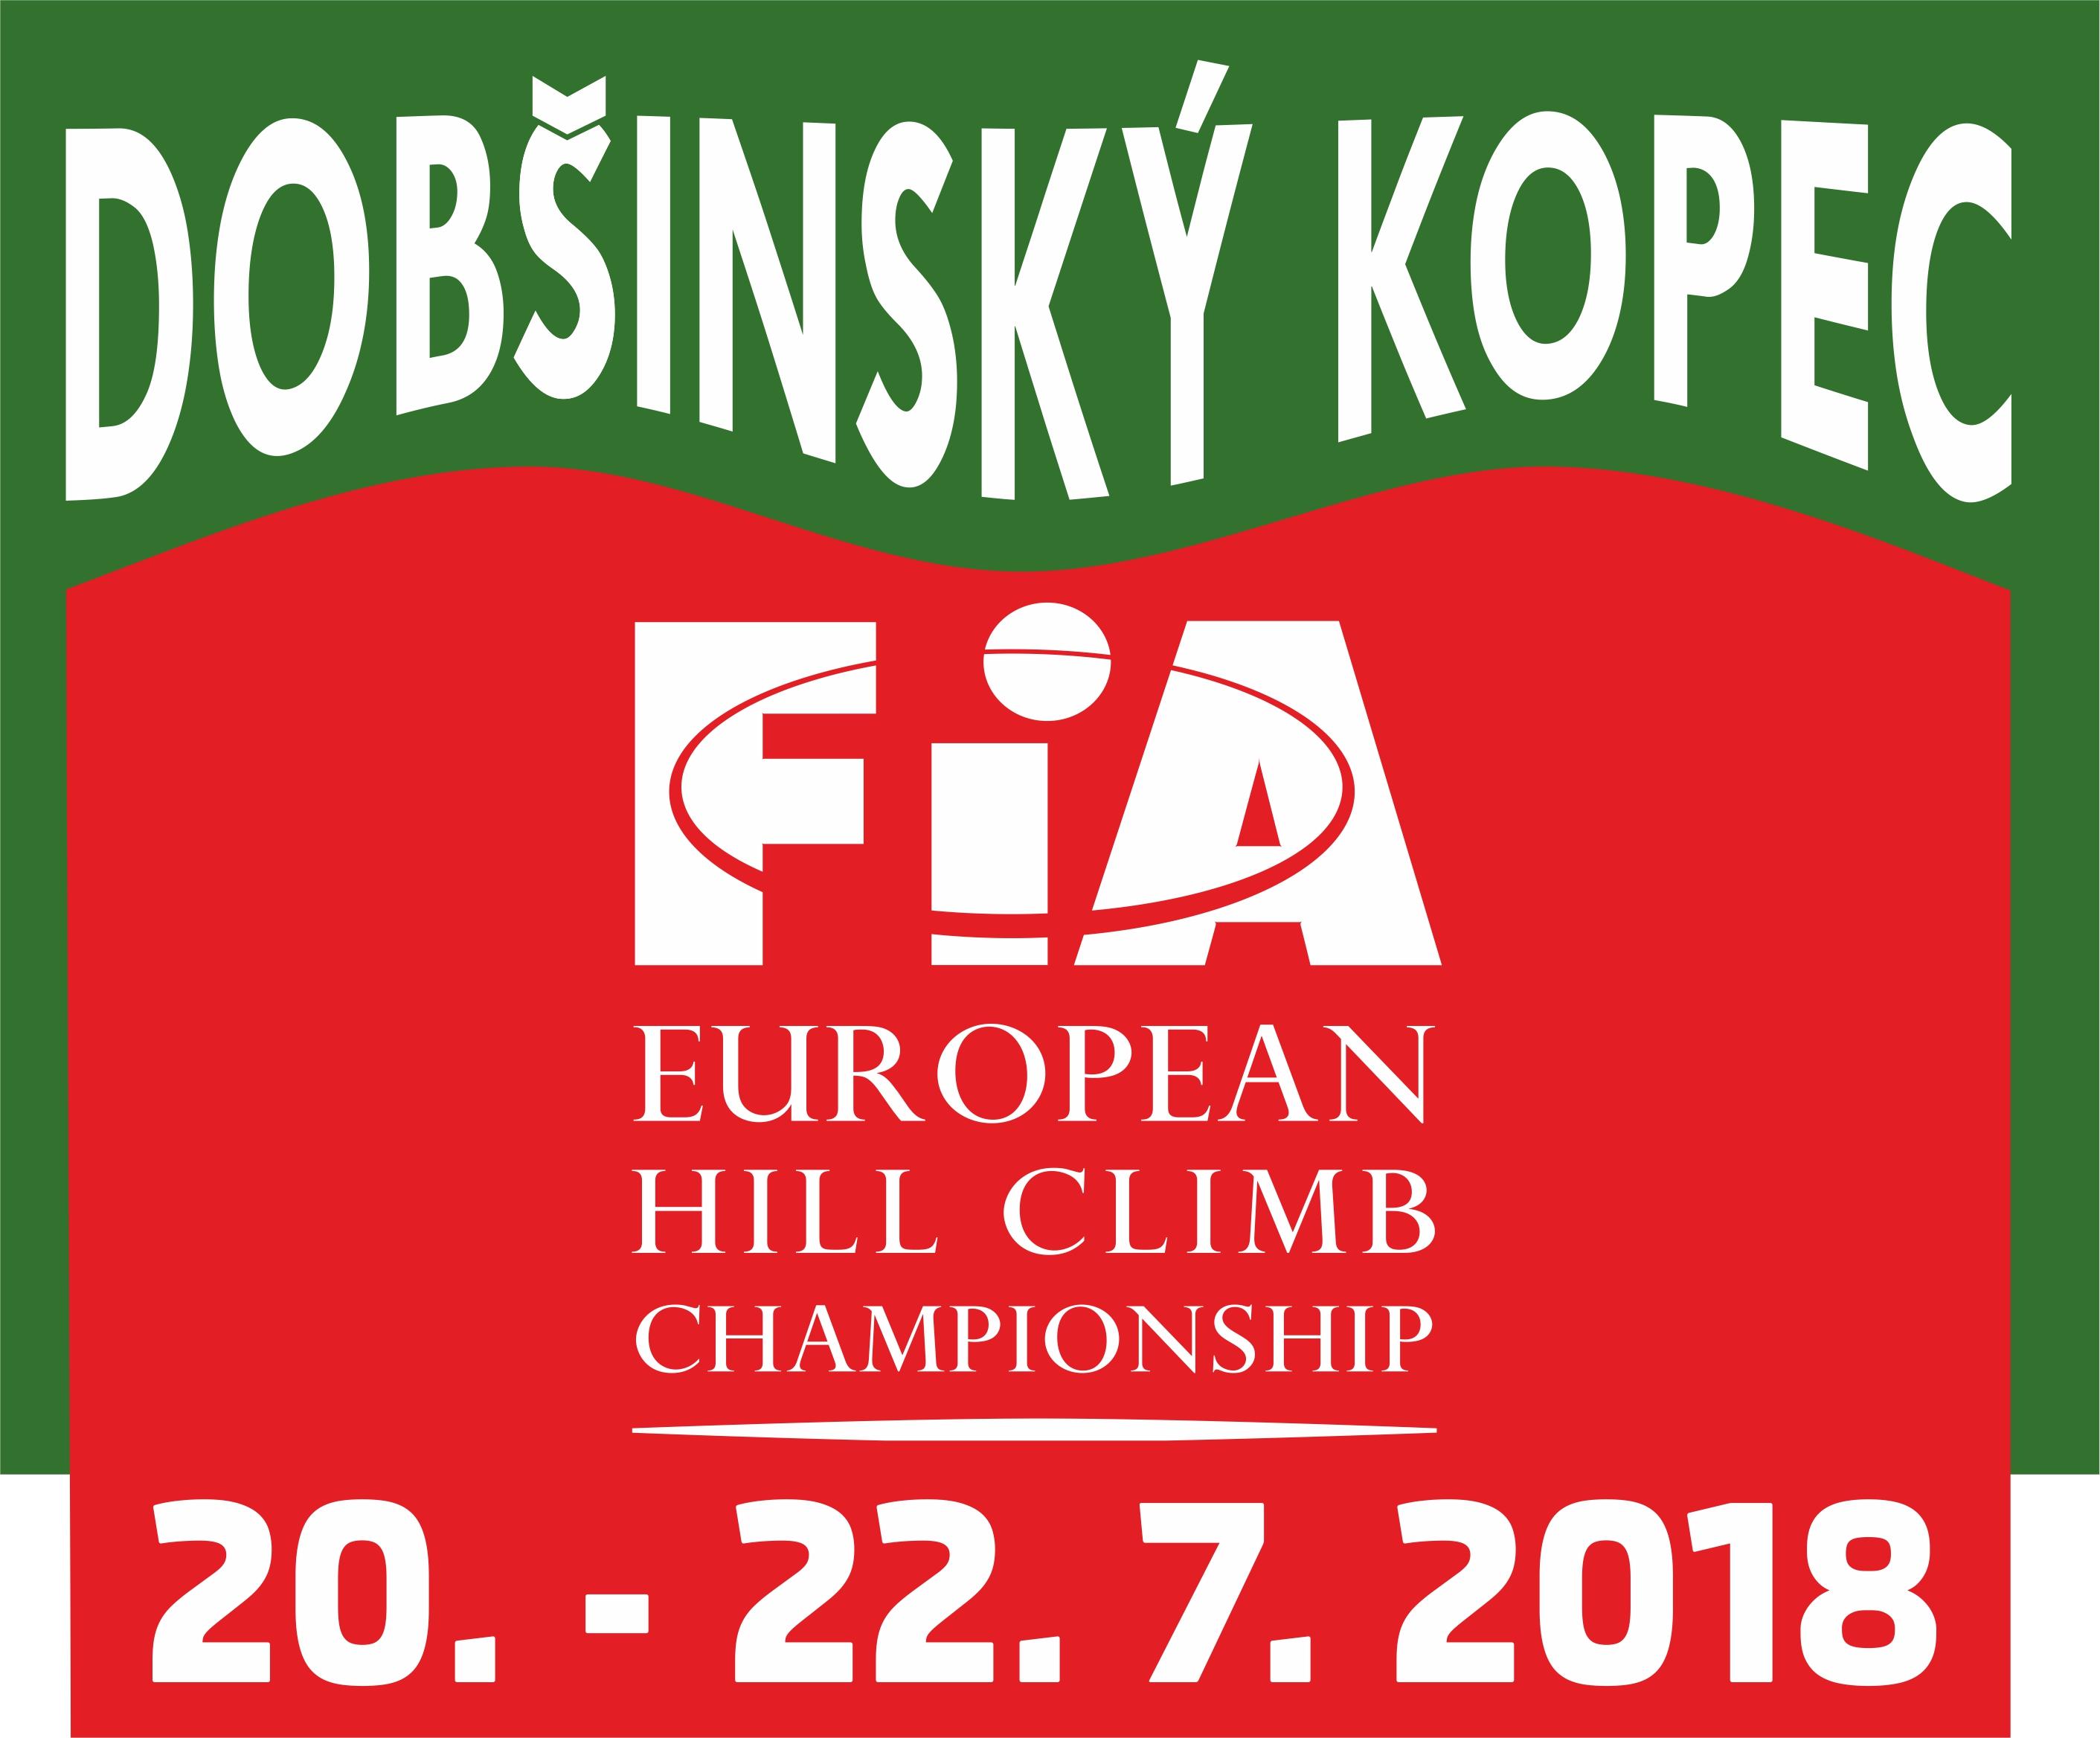 DK_18_logo